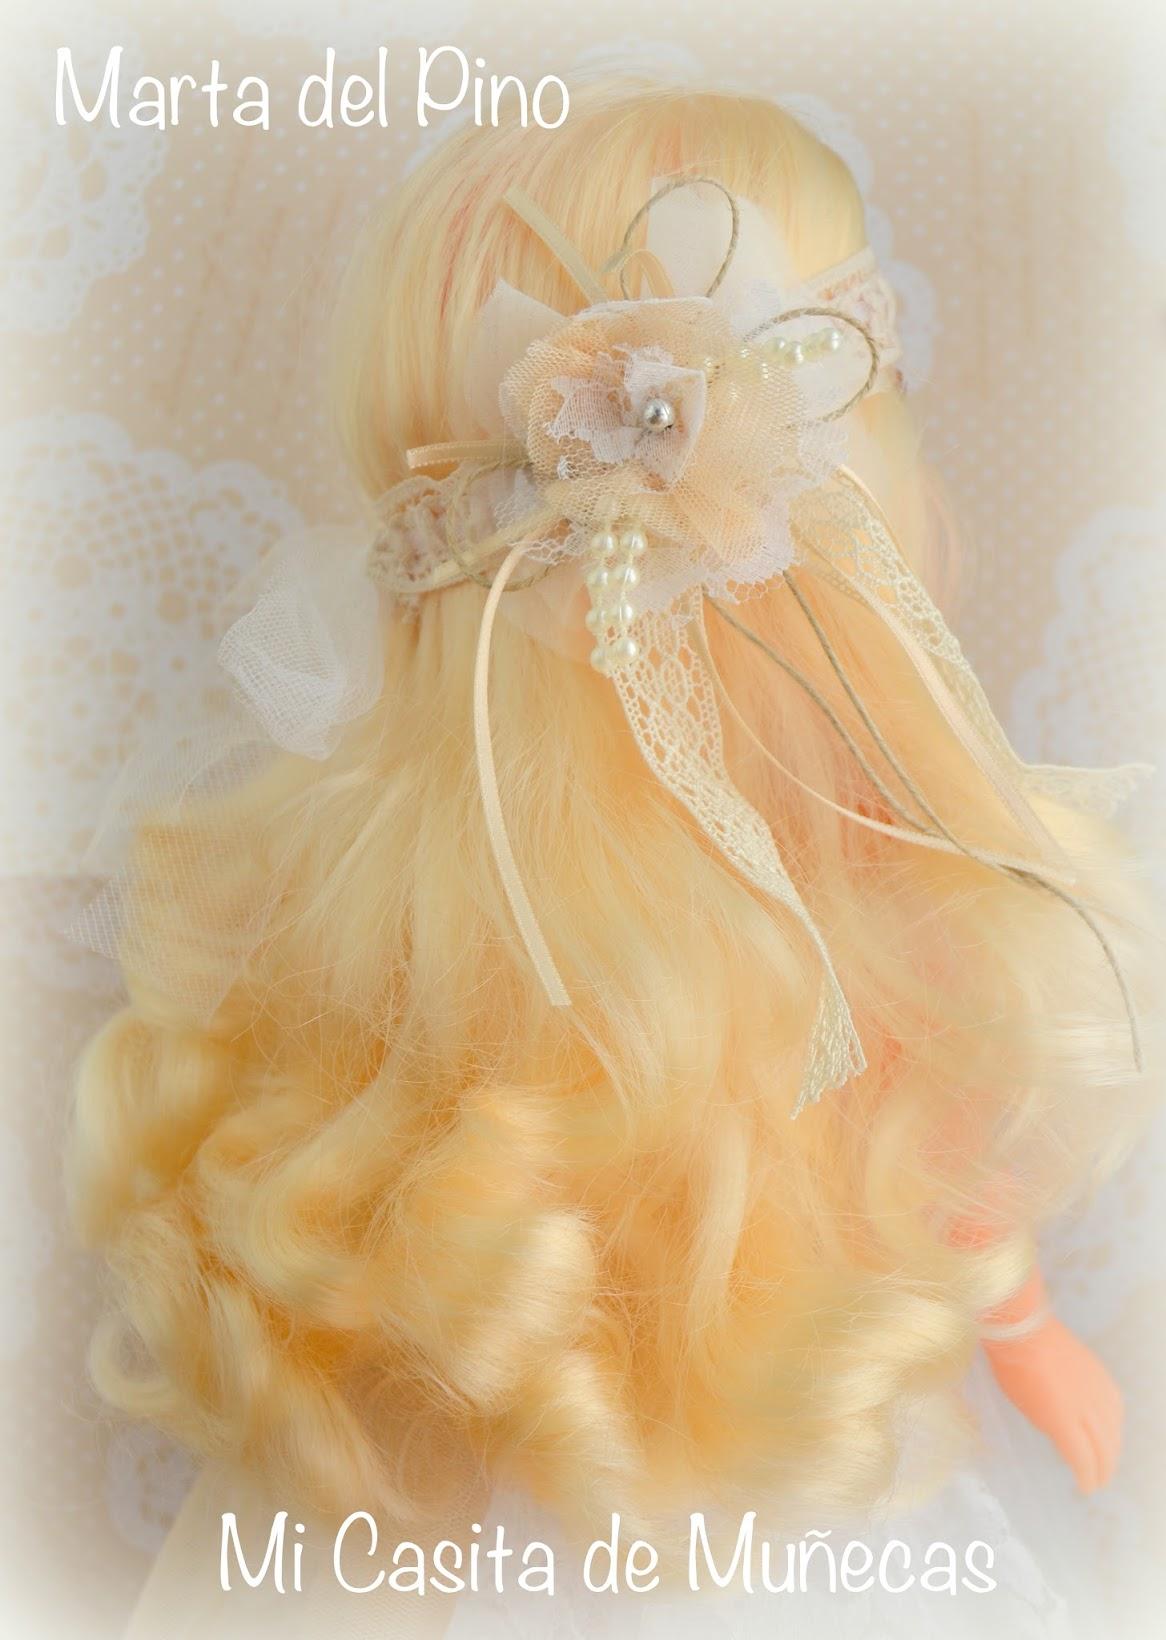 vestido de comunión para Nancy, vestido de comunión para muñecas, vestidos personalizados de comunión, hechos a mano, Marta del Pino, Mi Casita de Muñecas